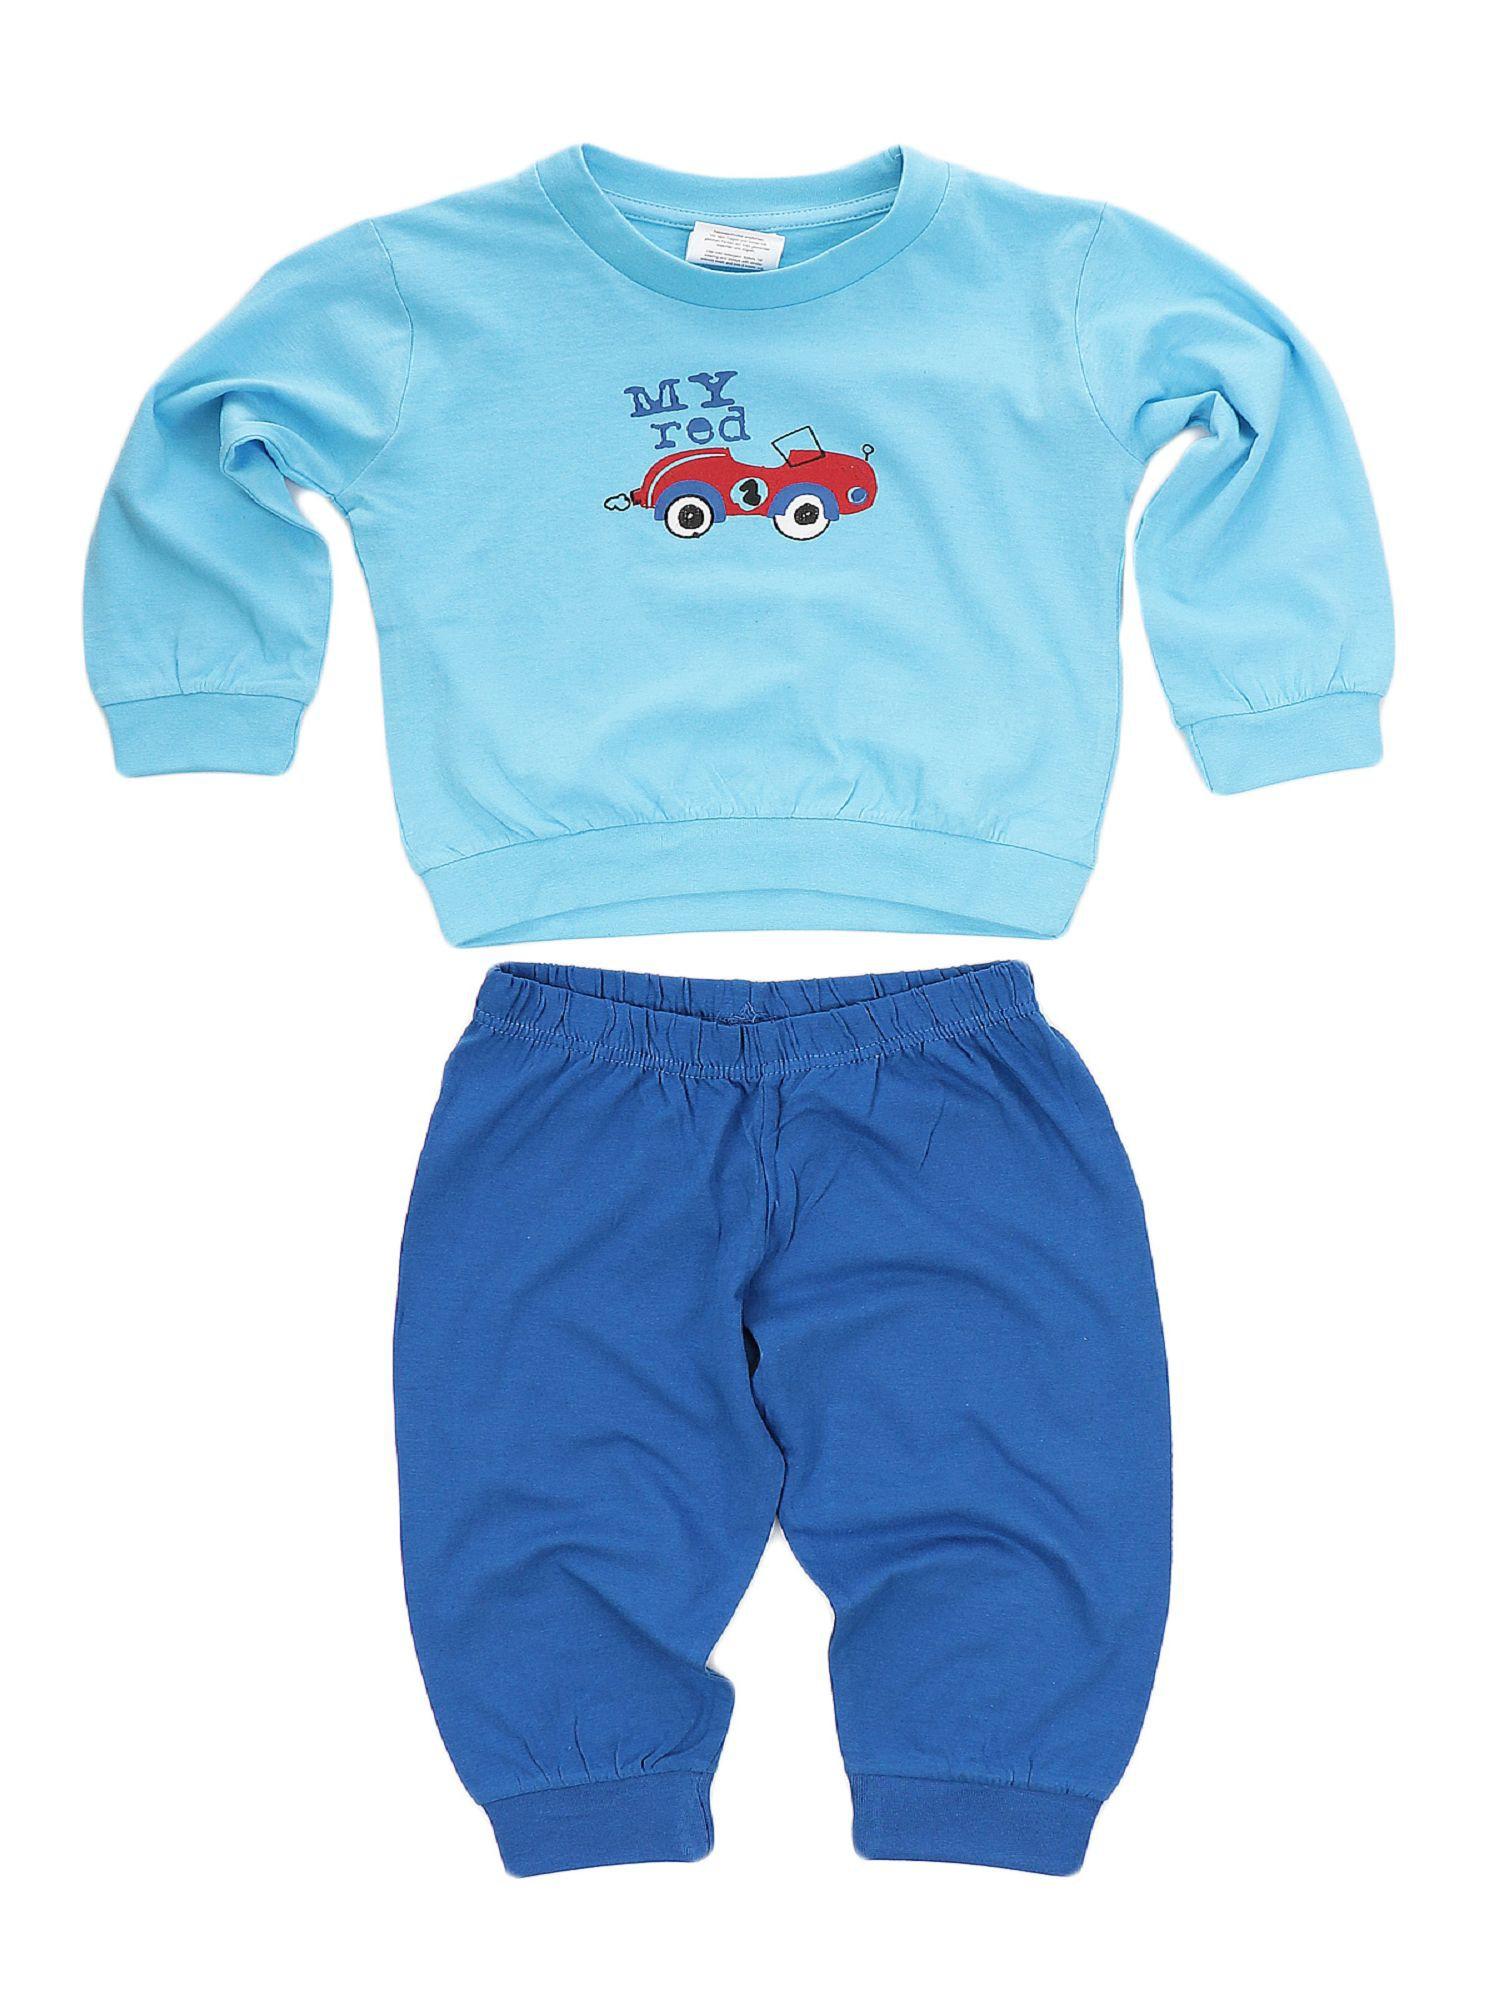 Jungen Kleinkinder Schlafanzug Pyjama mit Bündchen und Auto als Motiv - 53516 – Bild 2